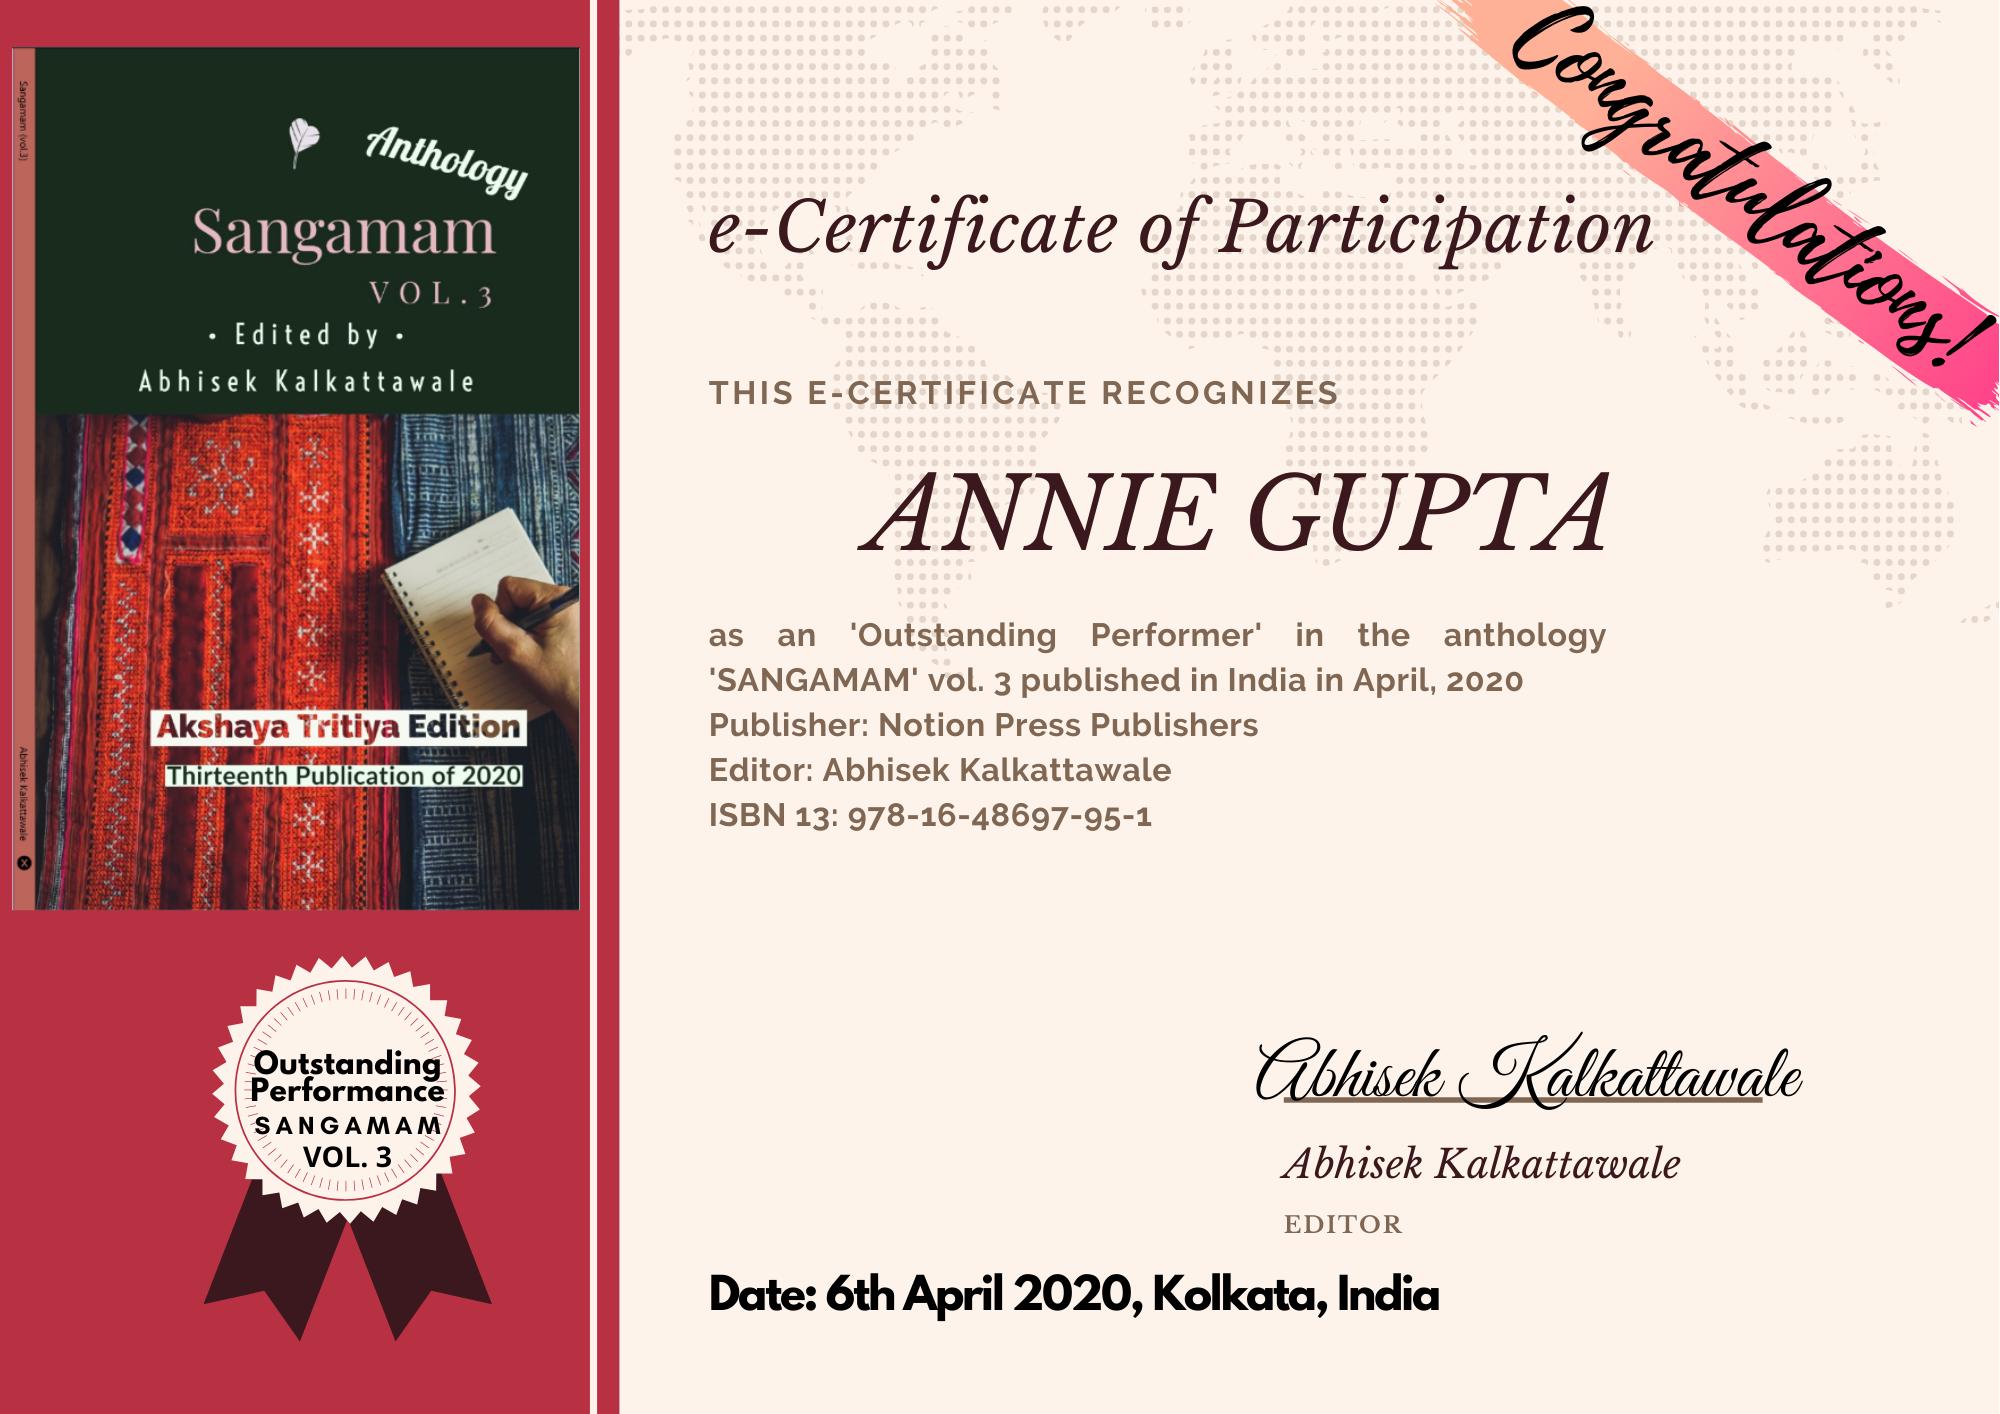 Annie Gupta